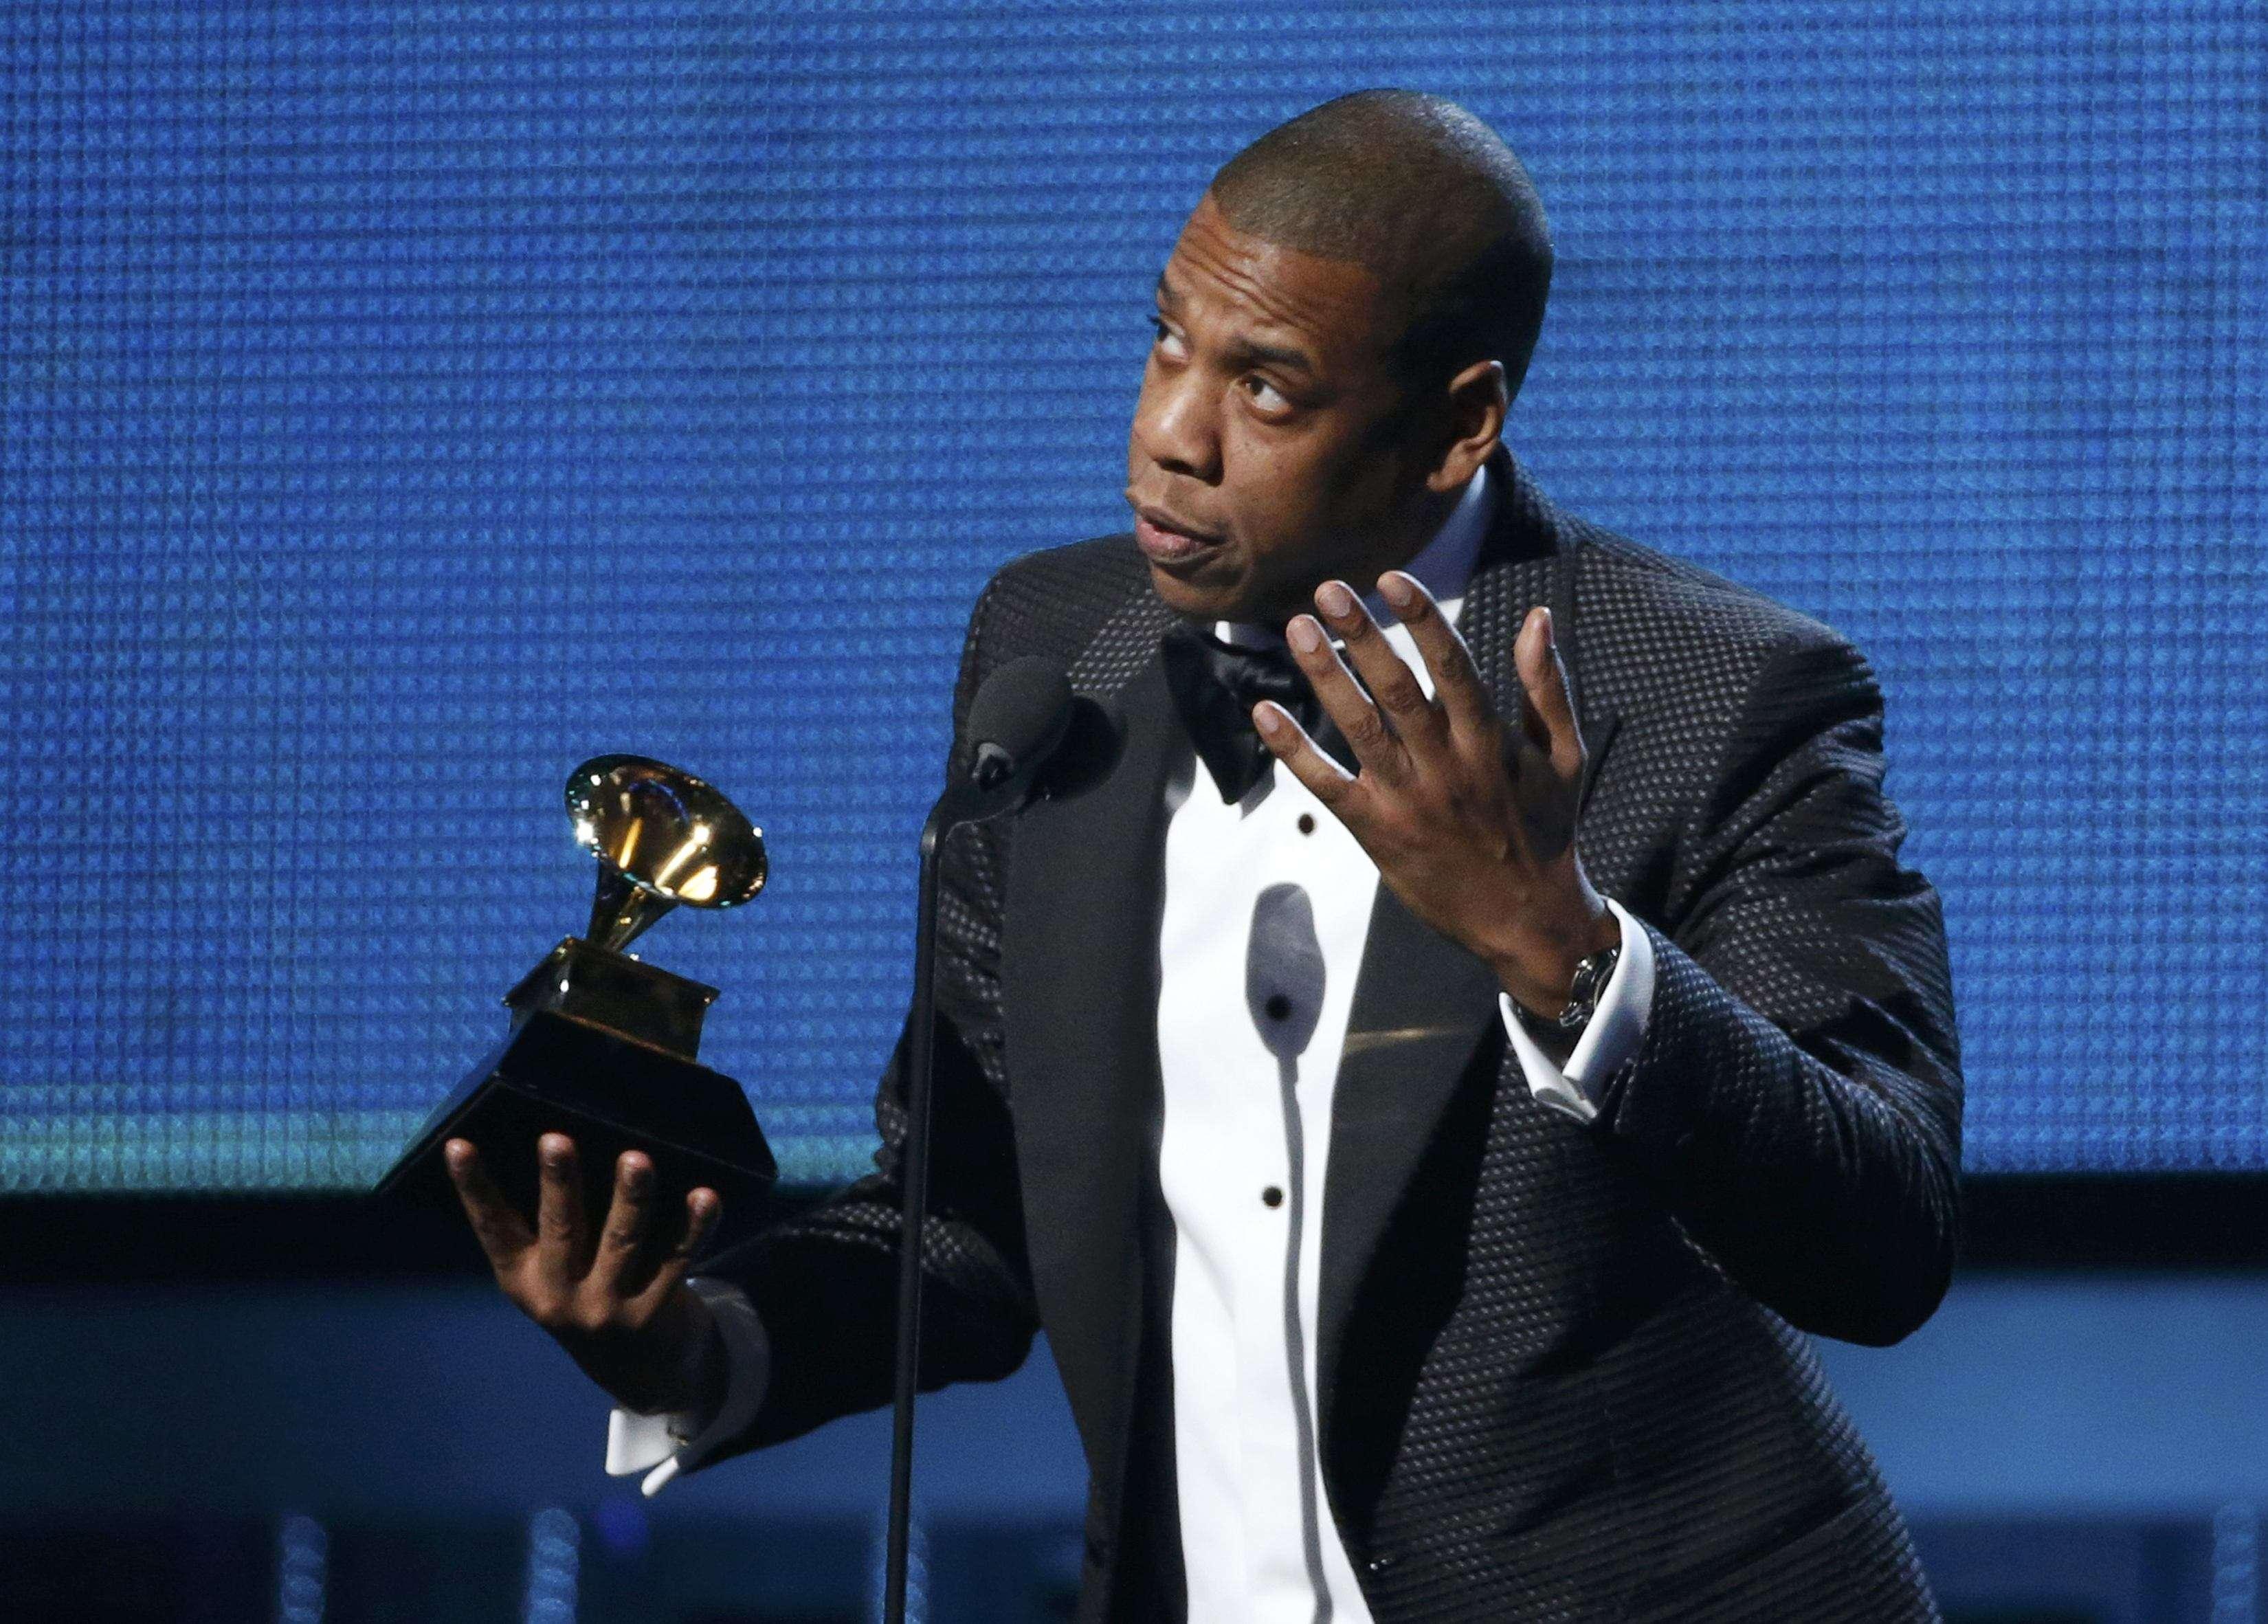 Lista completa de ganadores al Grammy 2014